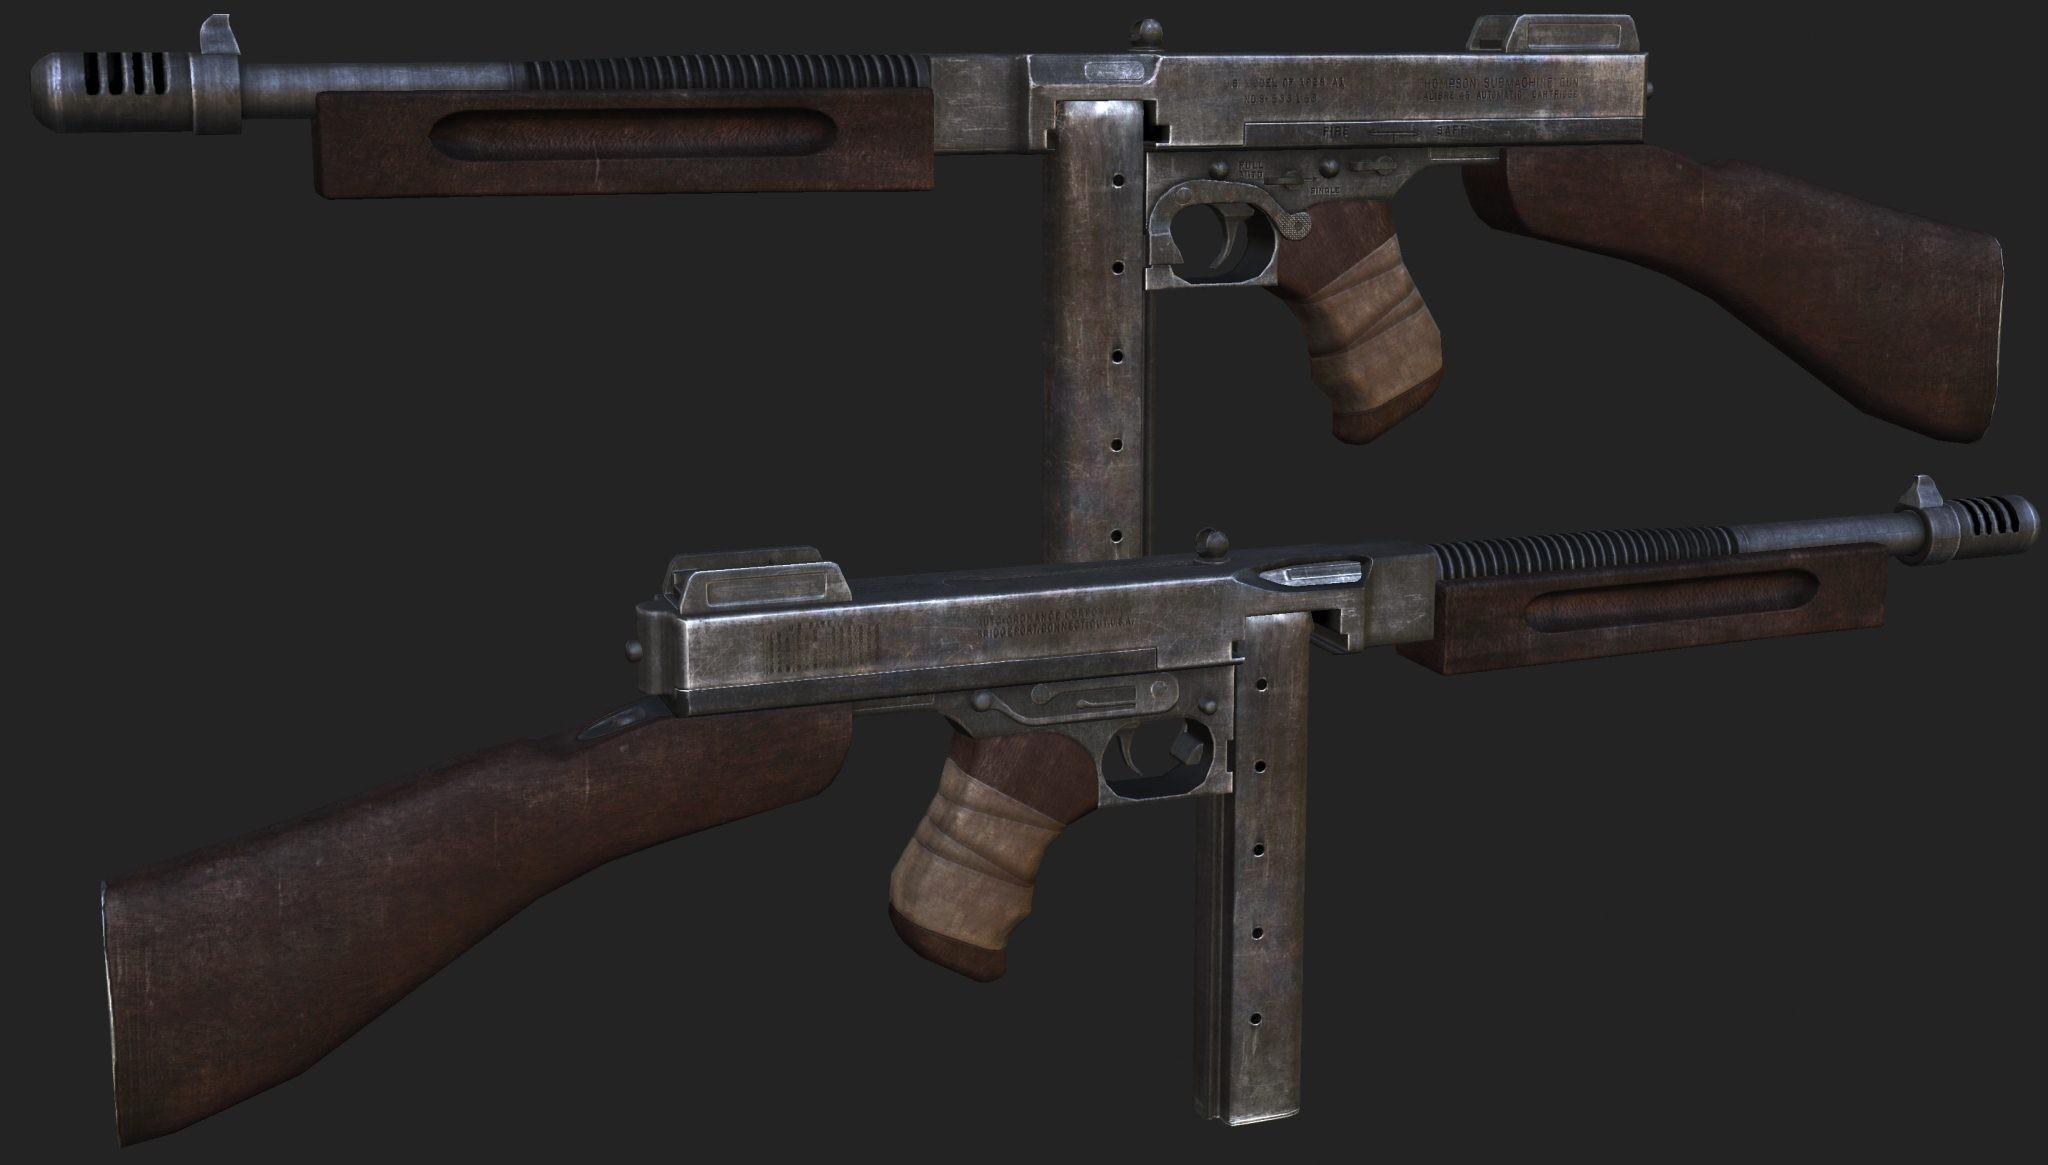 دانلود اسکین Ak47 | M1928A1 Thompson-COD برای کانتر سورس